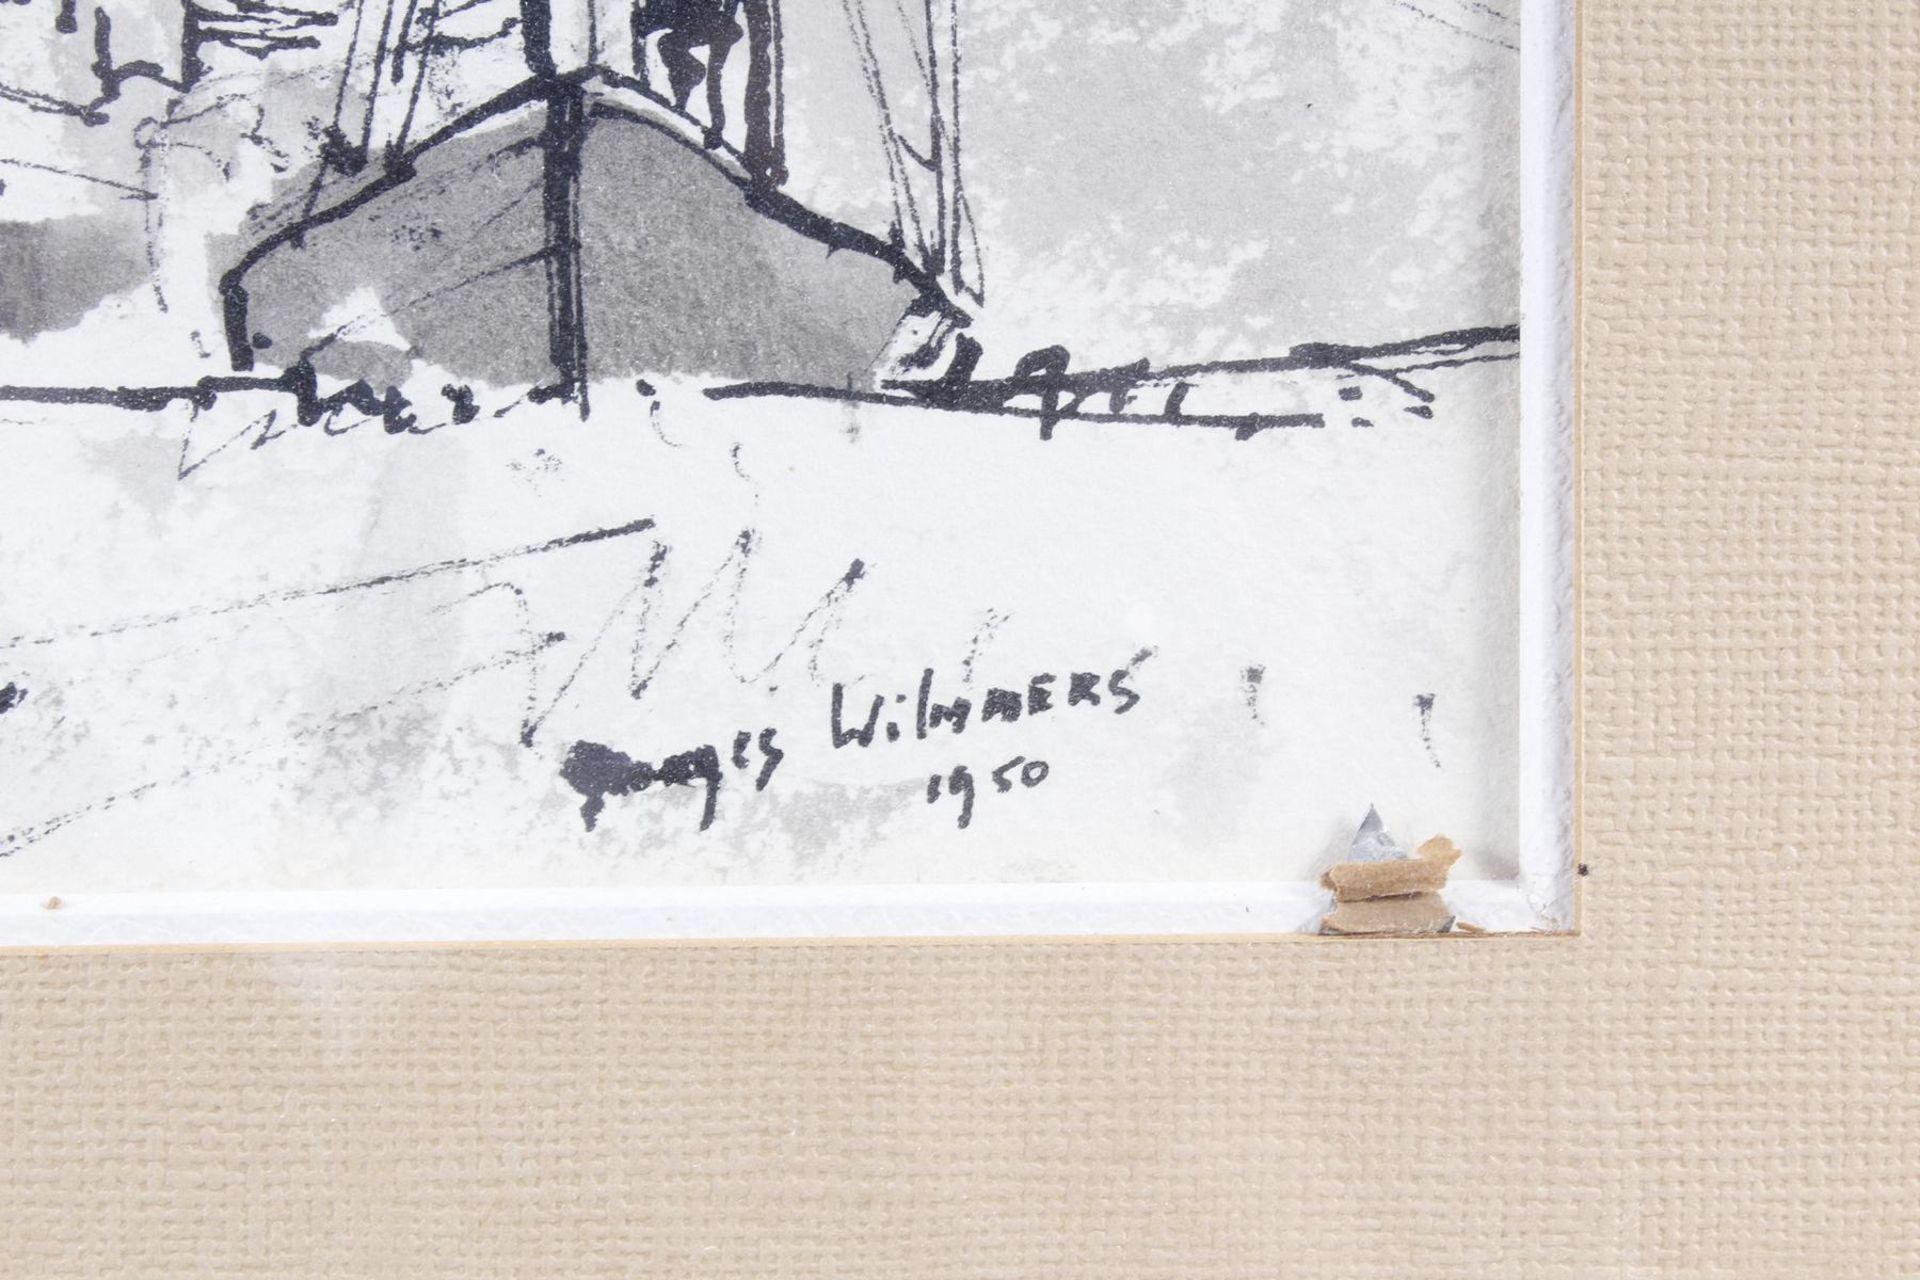 Aquarell, Hafenansicht mit Schiffen, Wilmmers 1950 - Bild 3 aus 5